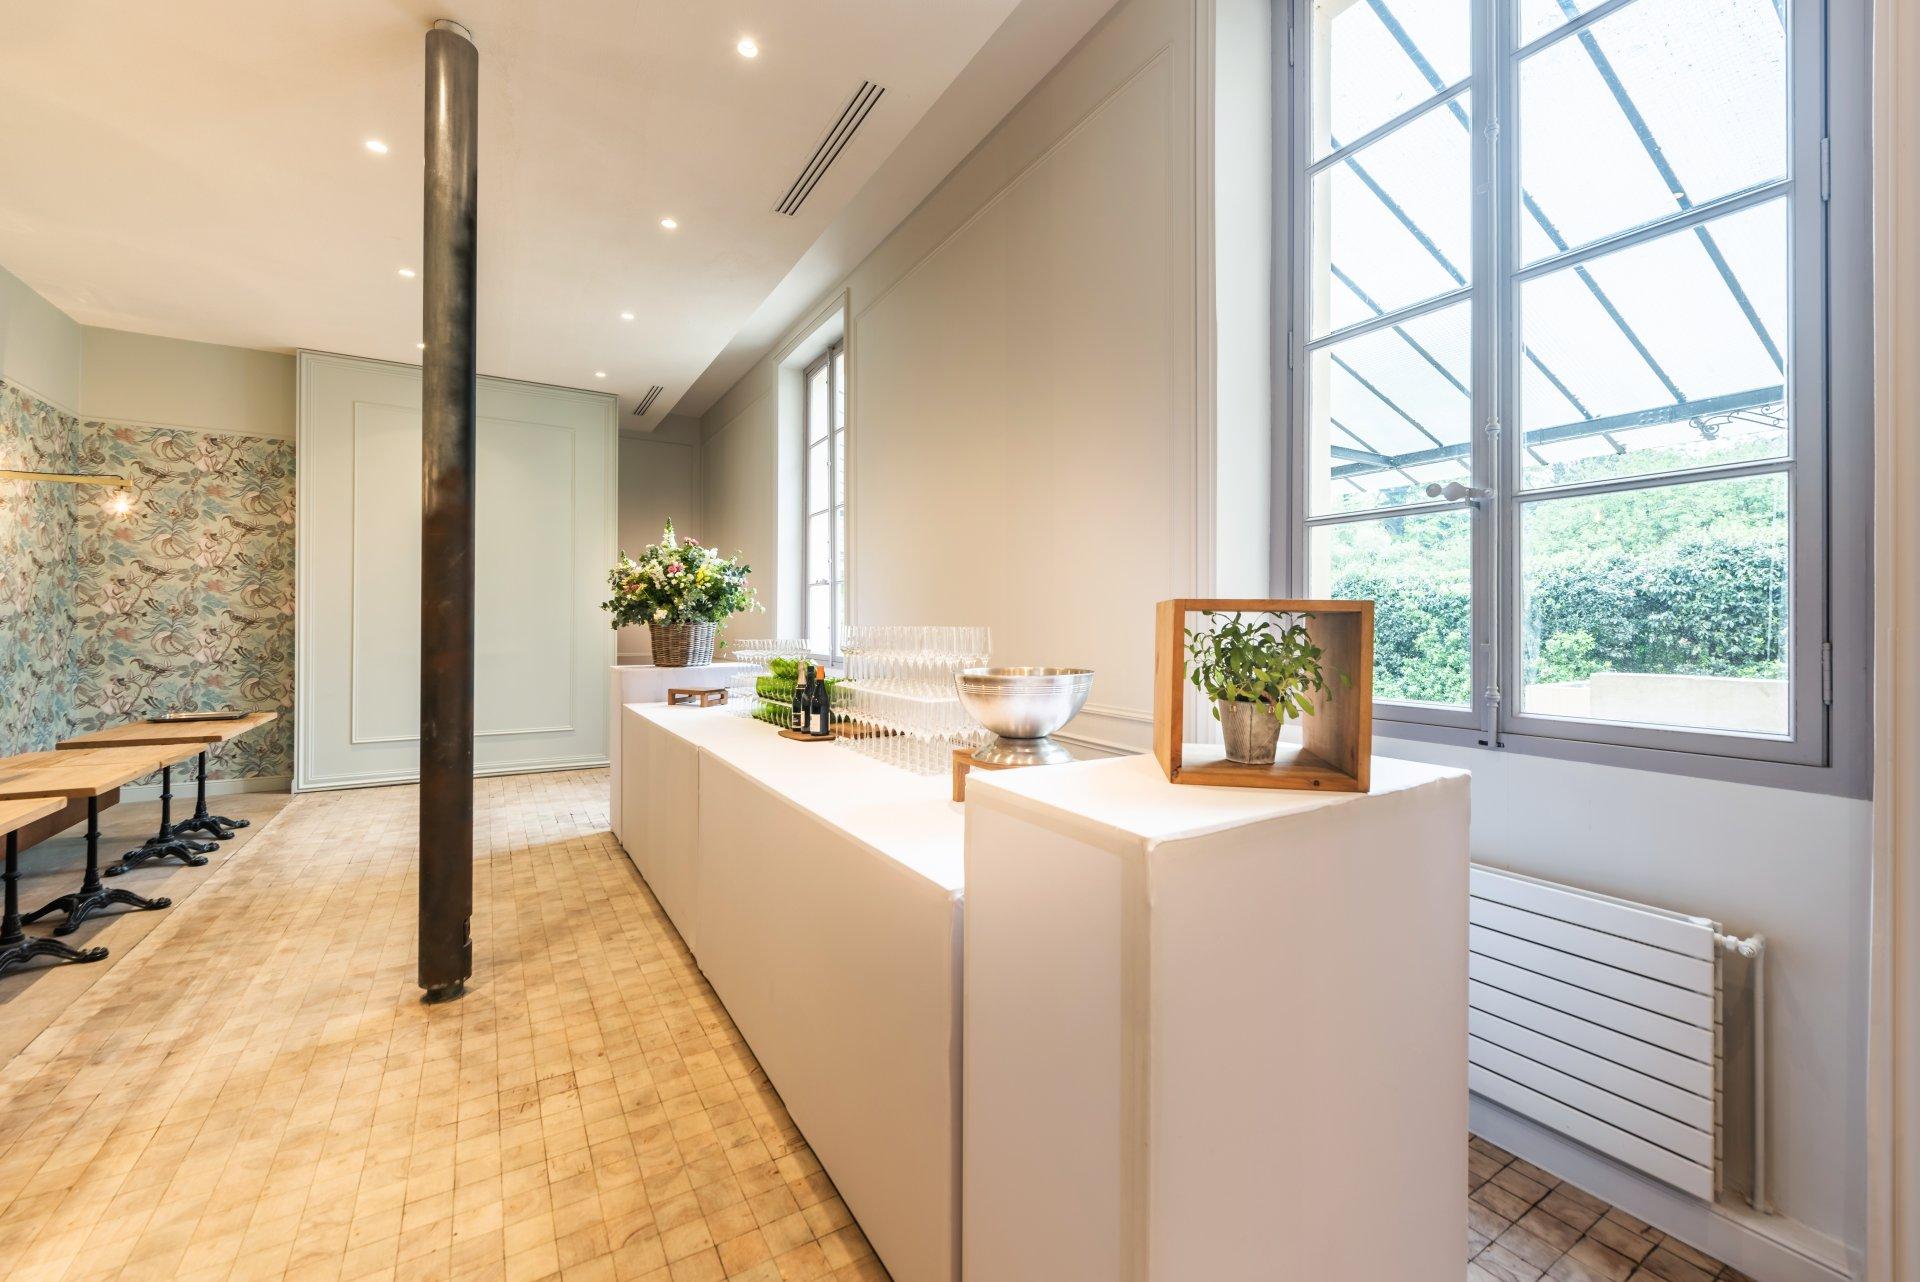 Produit ideal meetings events - Restaurant jardin des plantes toulouse ...